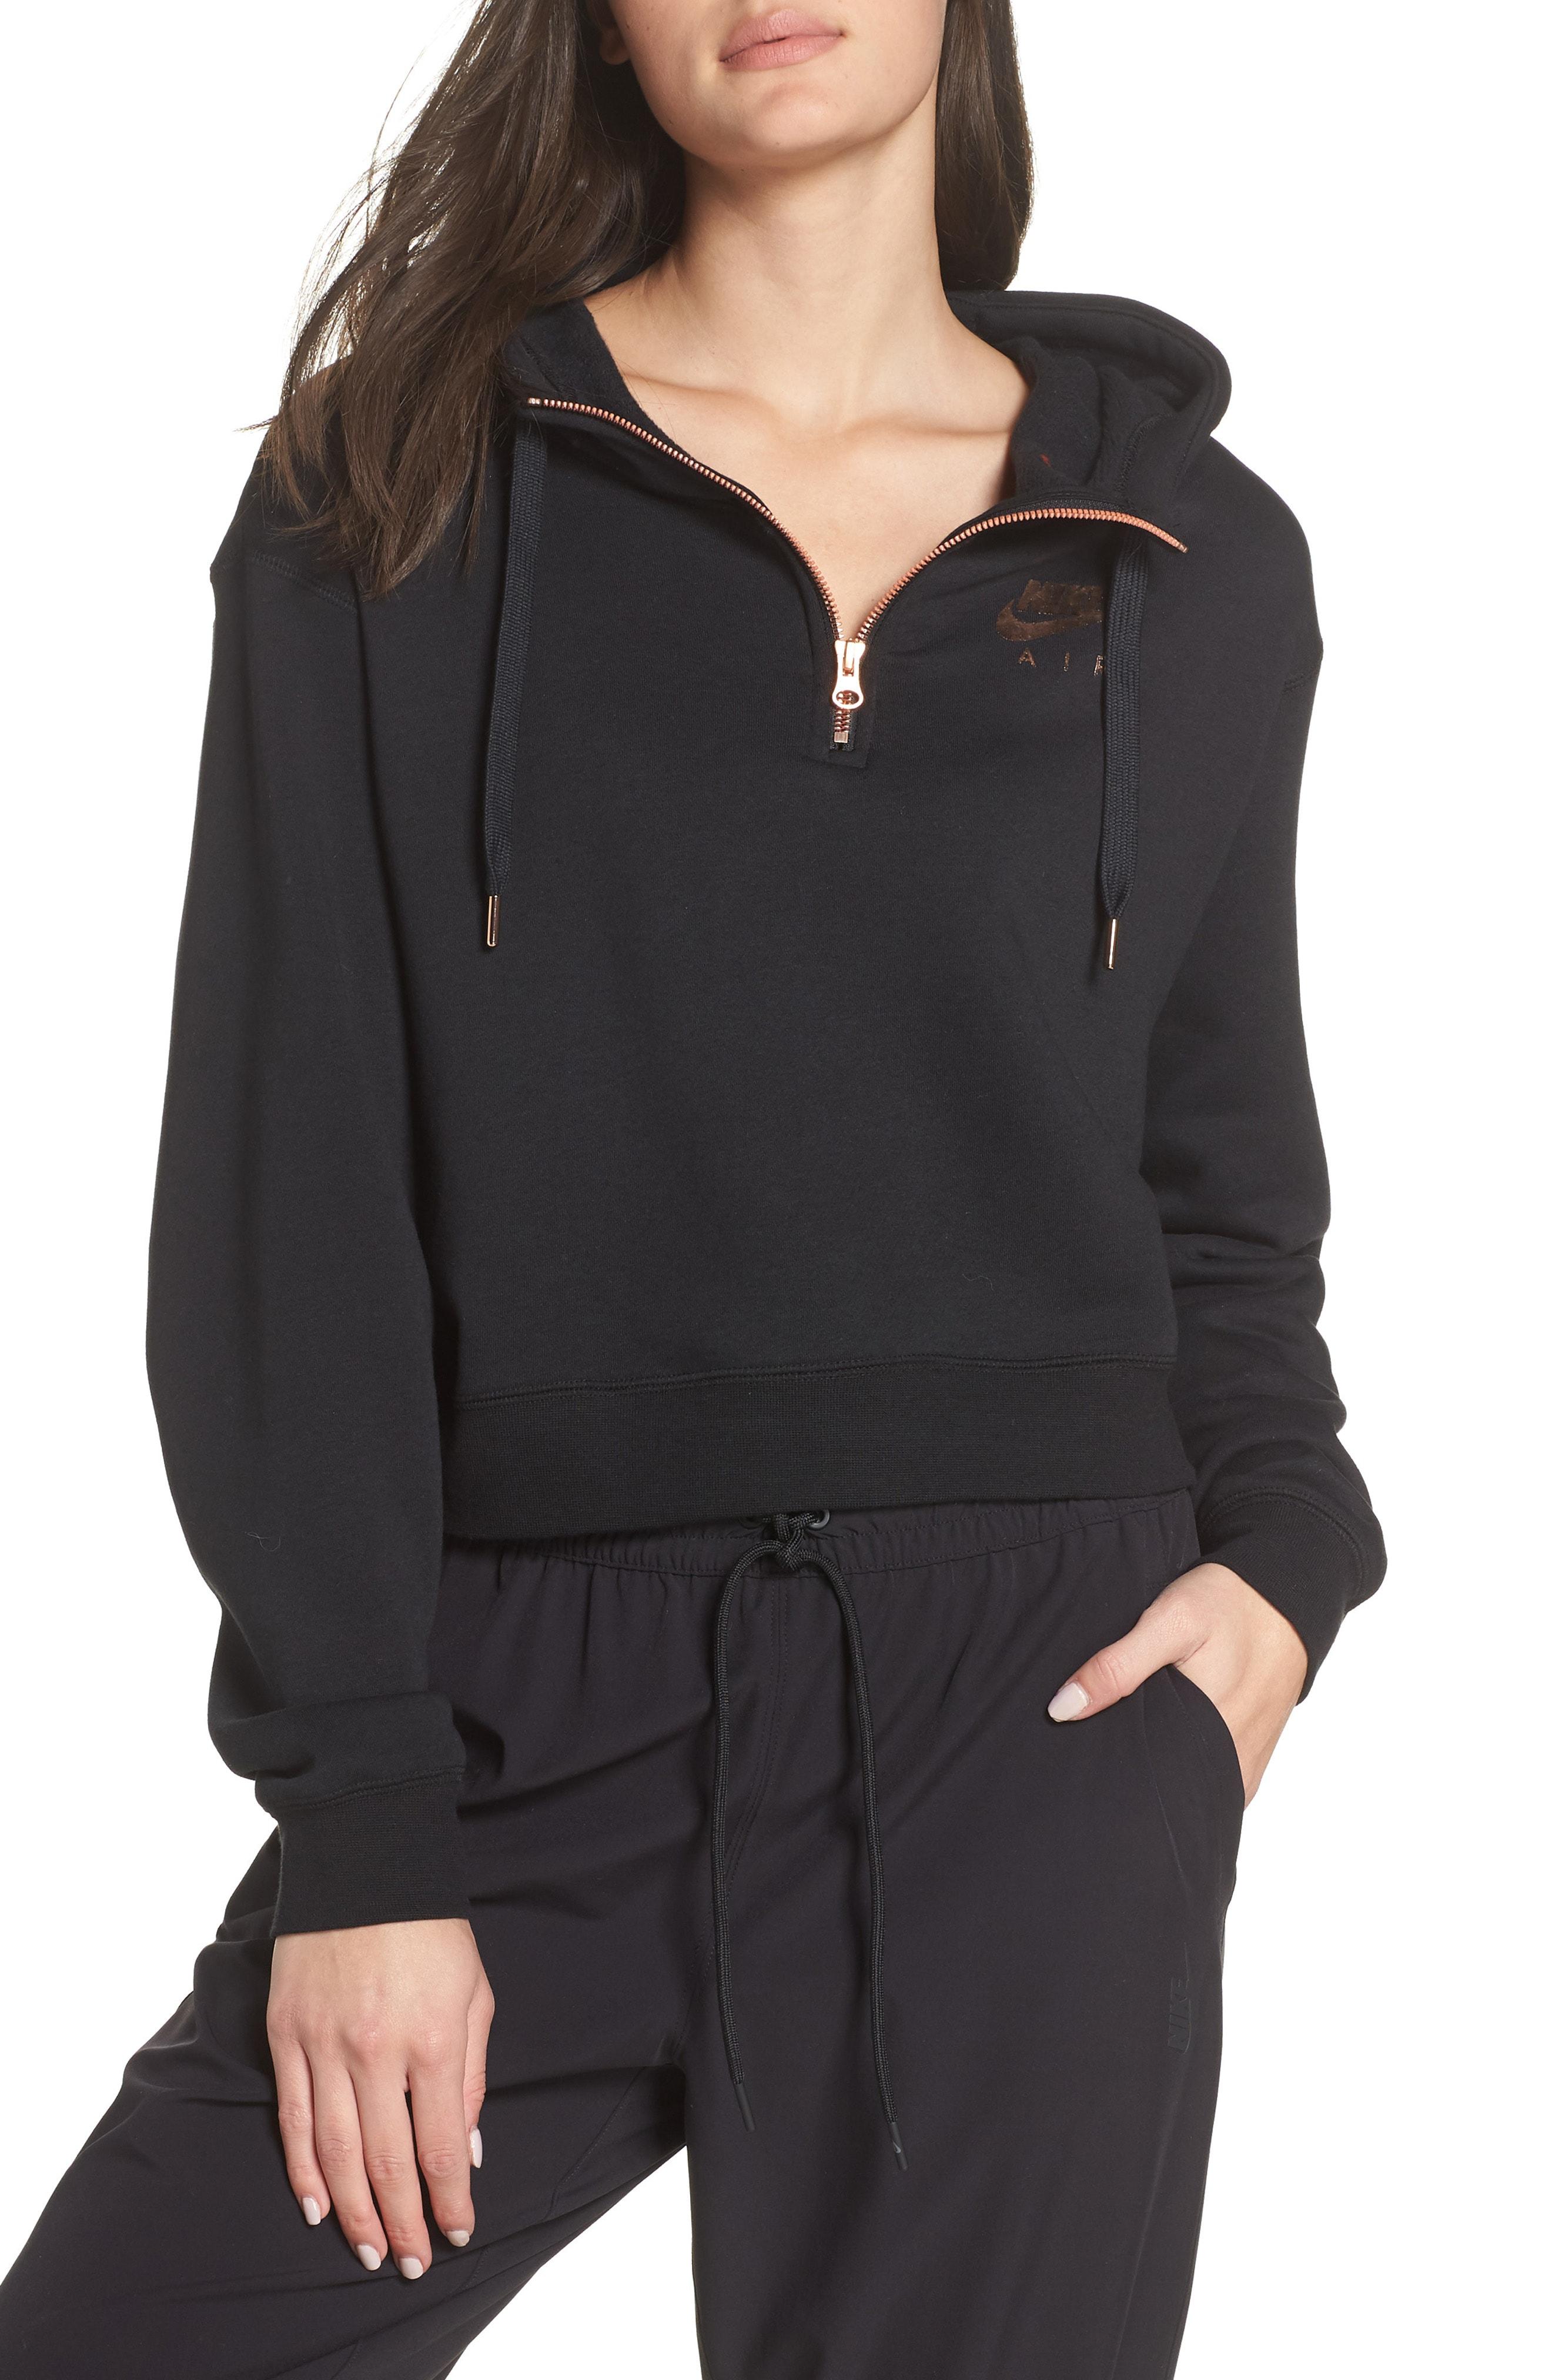 Nike Sportswear Women's Half Zip Fleece Hoodie